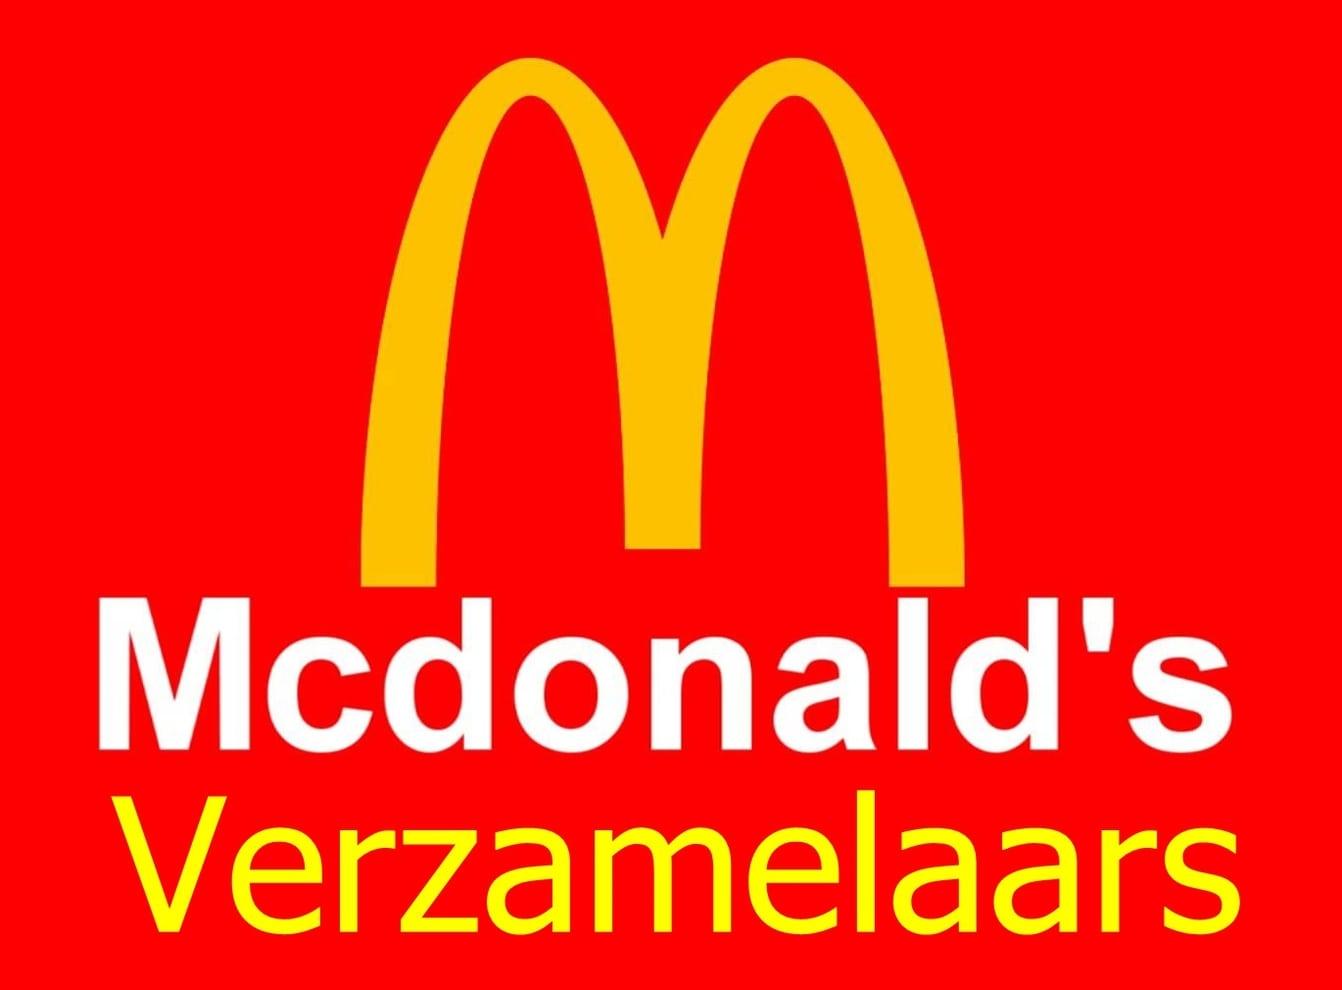 McDonalds Verzameling